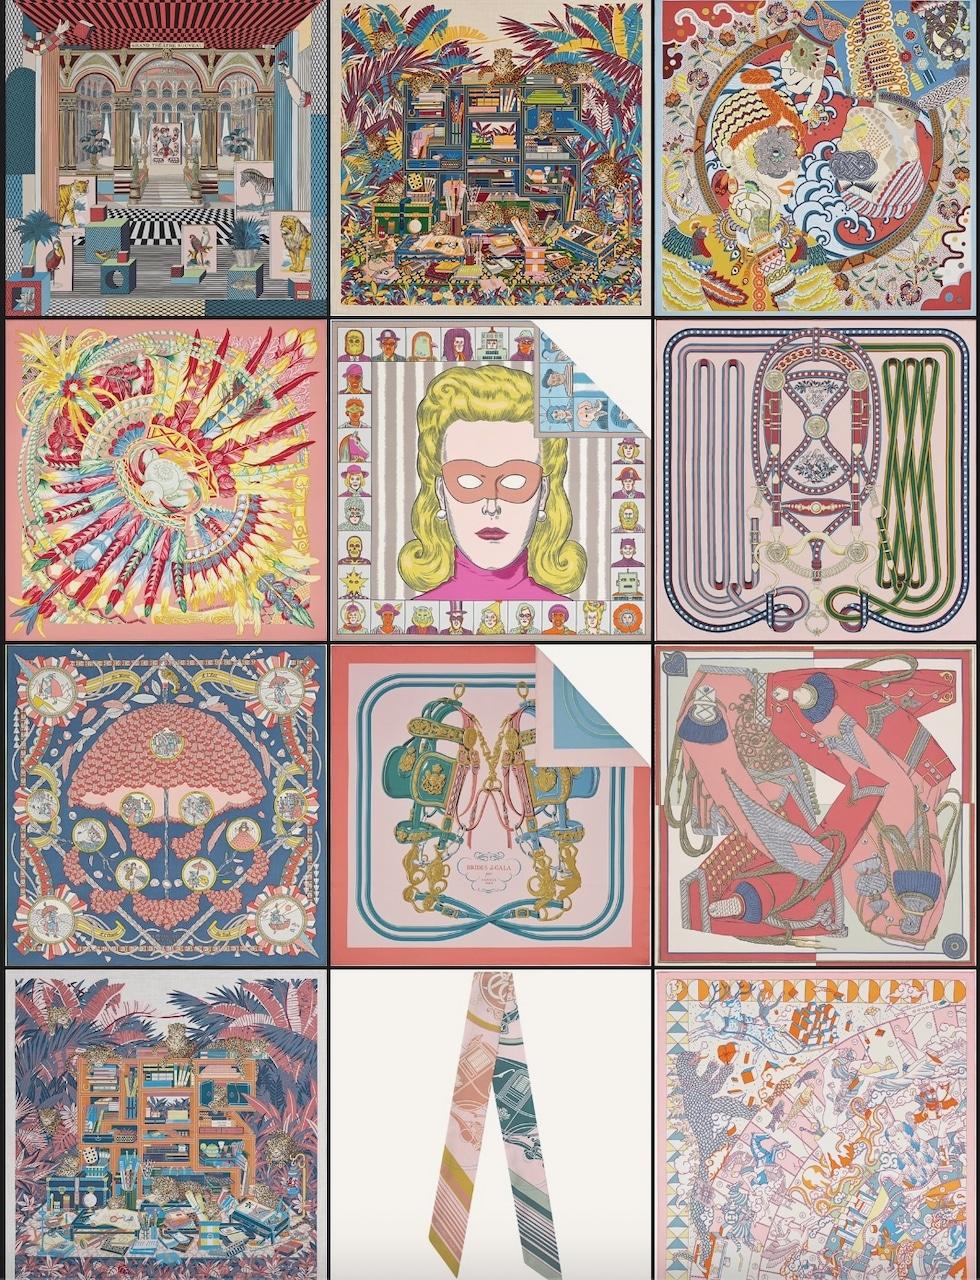 Top Row: Grand Theatre Nouveau scarf 90, Les 12 Leopards shawl 140, Duo Cosmique scarf 90. Second Row: Danse Pacifique scarf 90, Dress Code scarf 90, Grand Tralala scarf 90. Third Row: L'Ombrelle Magique shawl 140, Brides de Gala double face scarf 90, Zouaves et Dragons wash scarf 90. Bottom Row: Les 12 Leopards shawl 140, Ex Libris Twilly, L'Epopee d'Hermes Detail scarf 70. Photos via Hermes.com